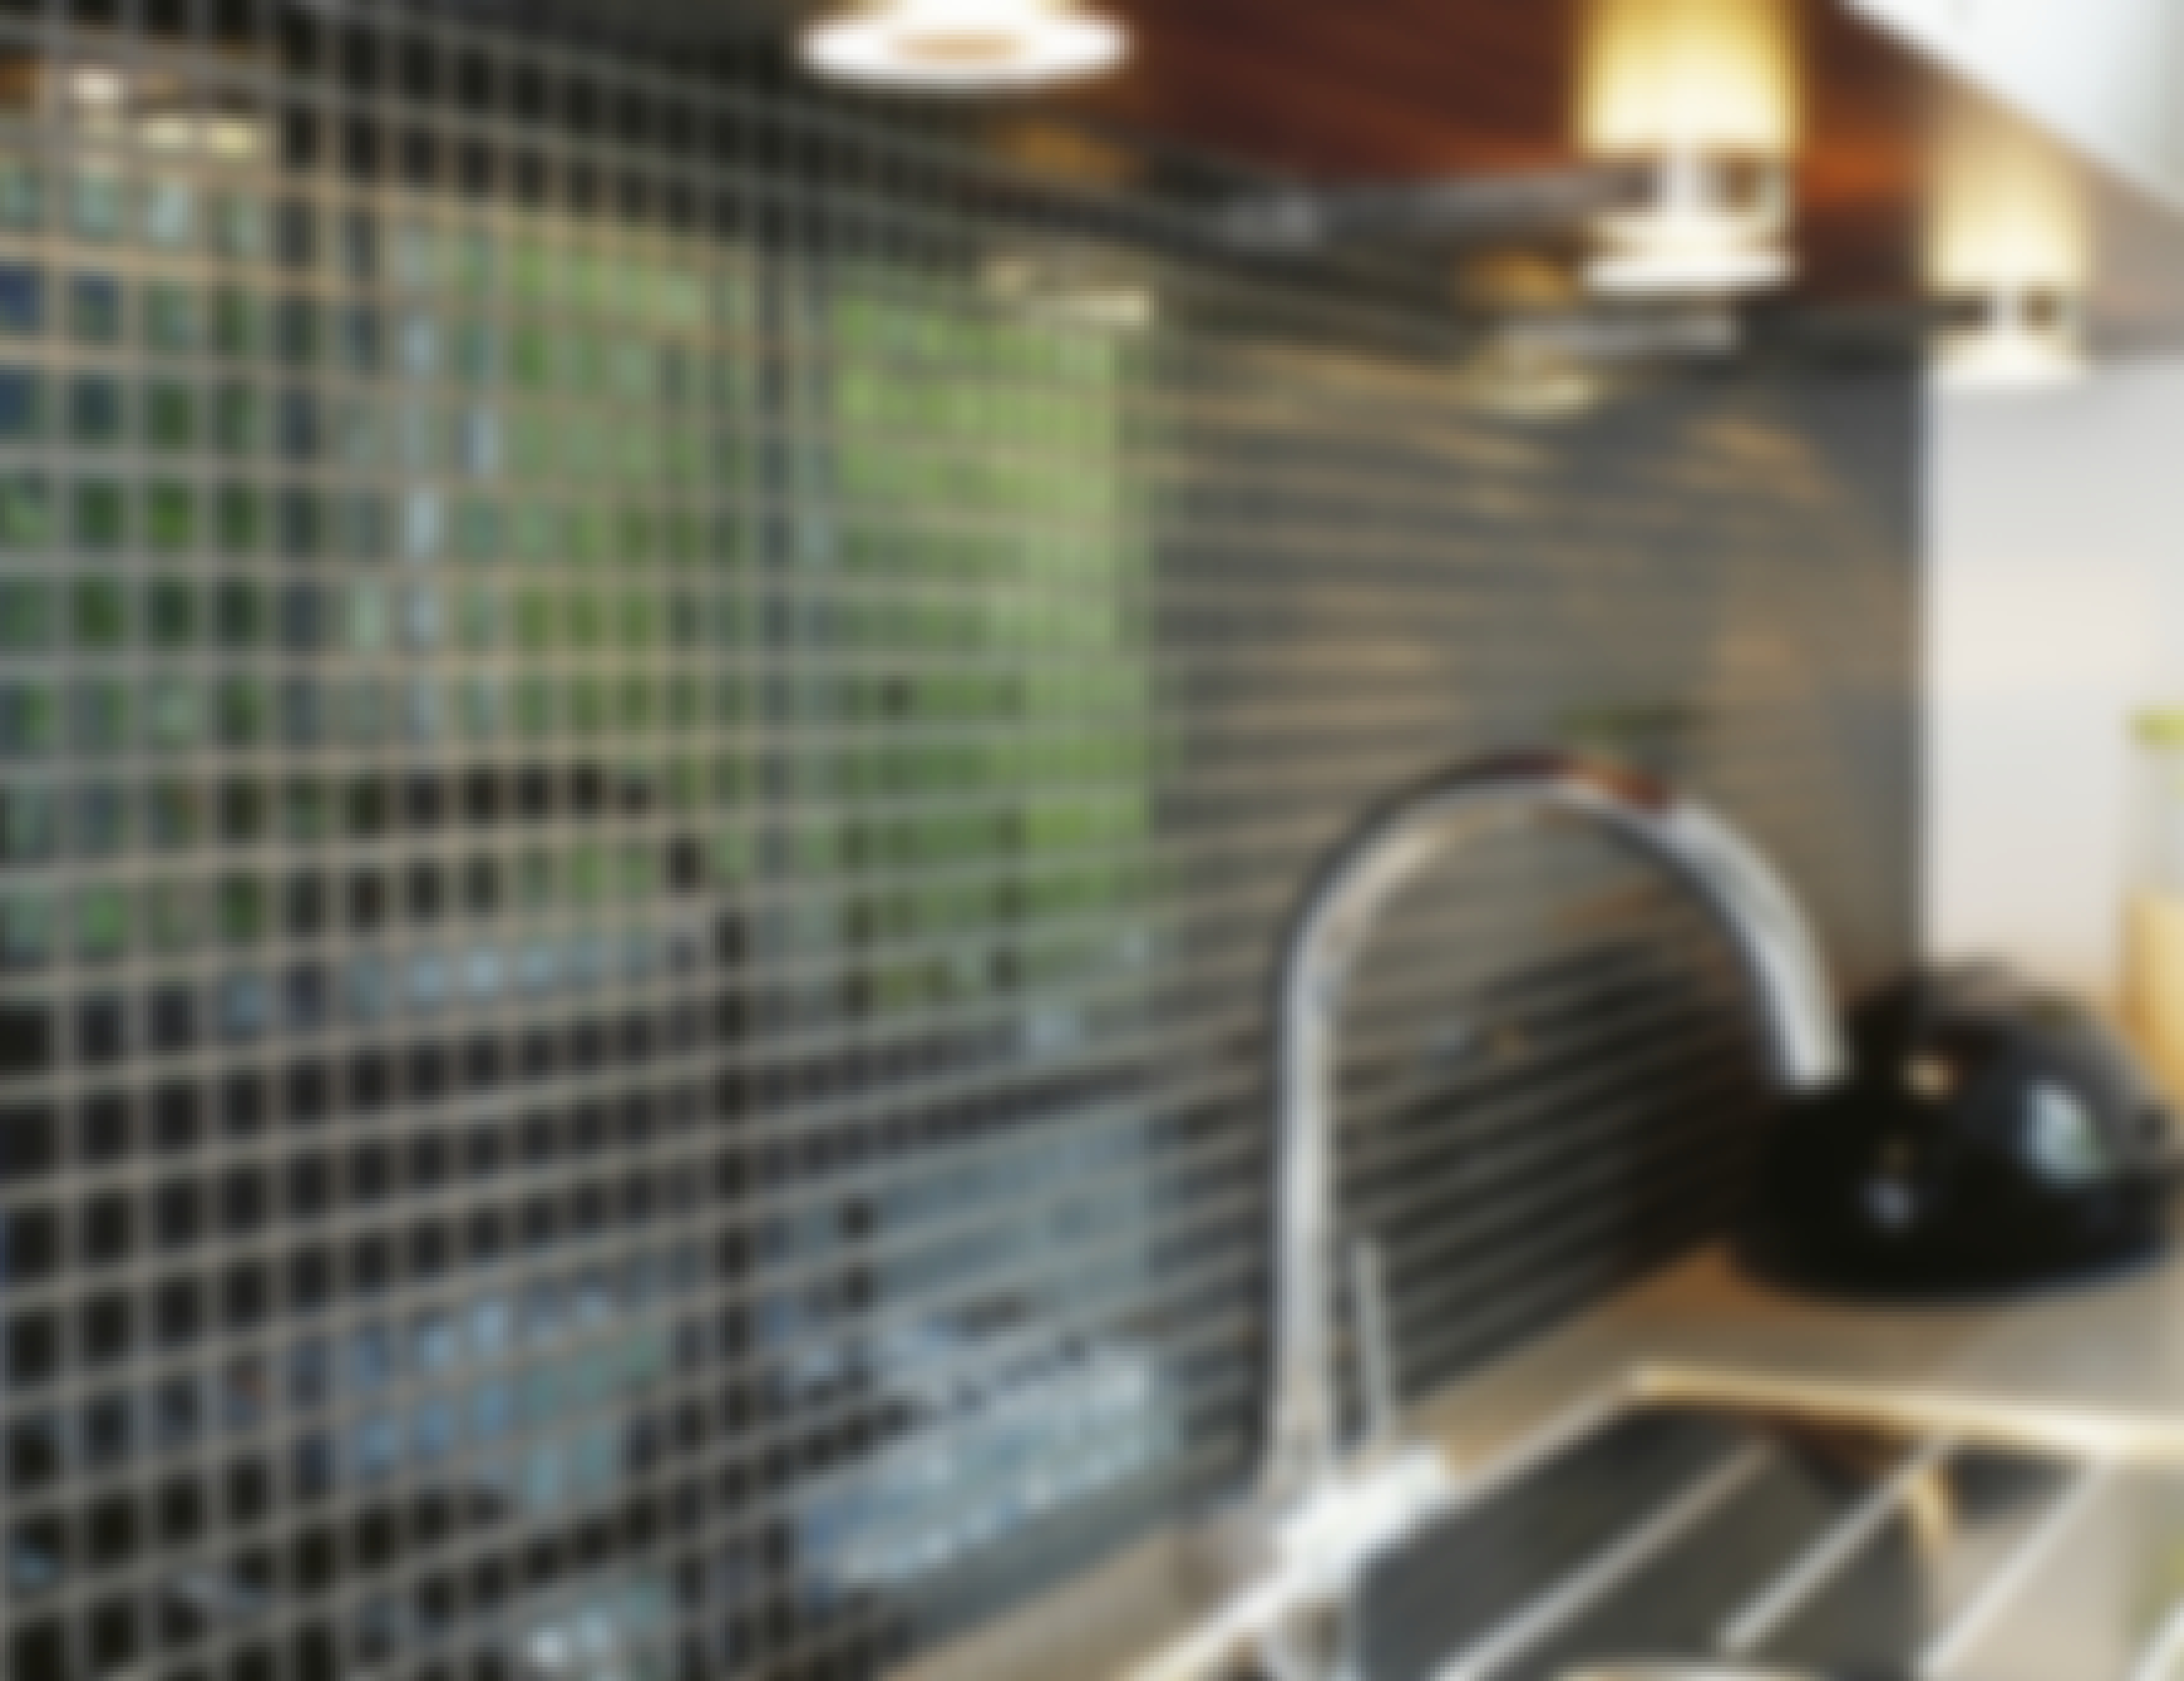 **GLASMOSAIK** Små plattor av glas kallas mosaik och säljs på nät. Ett nät är normalt 327 x 327 mm. Glasmosaik är hård och ytan blank. Den små bitarna tål i regel frost och kan därför användas utomhus.